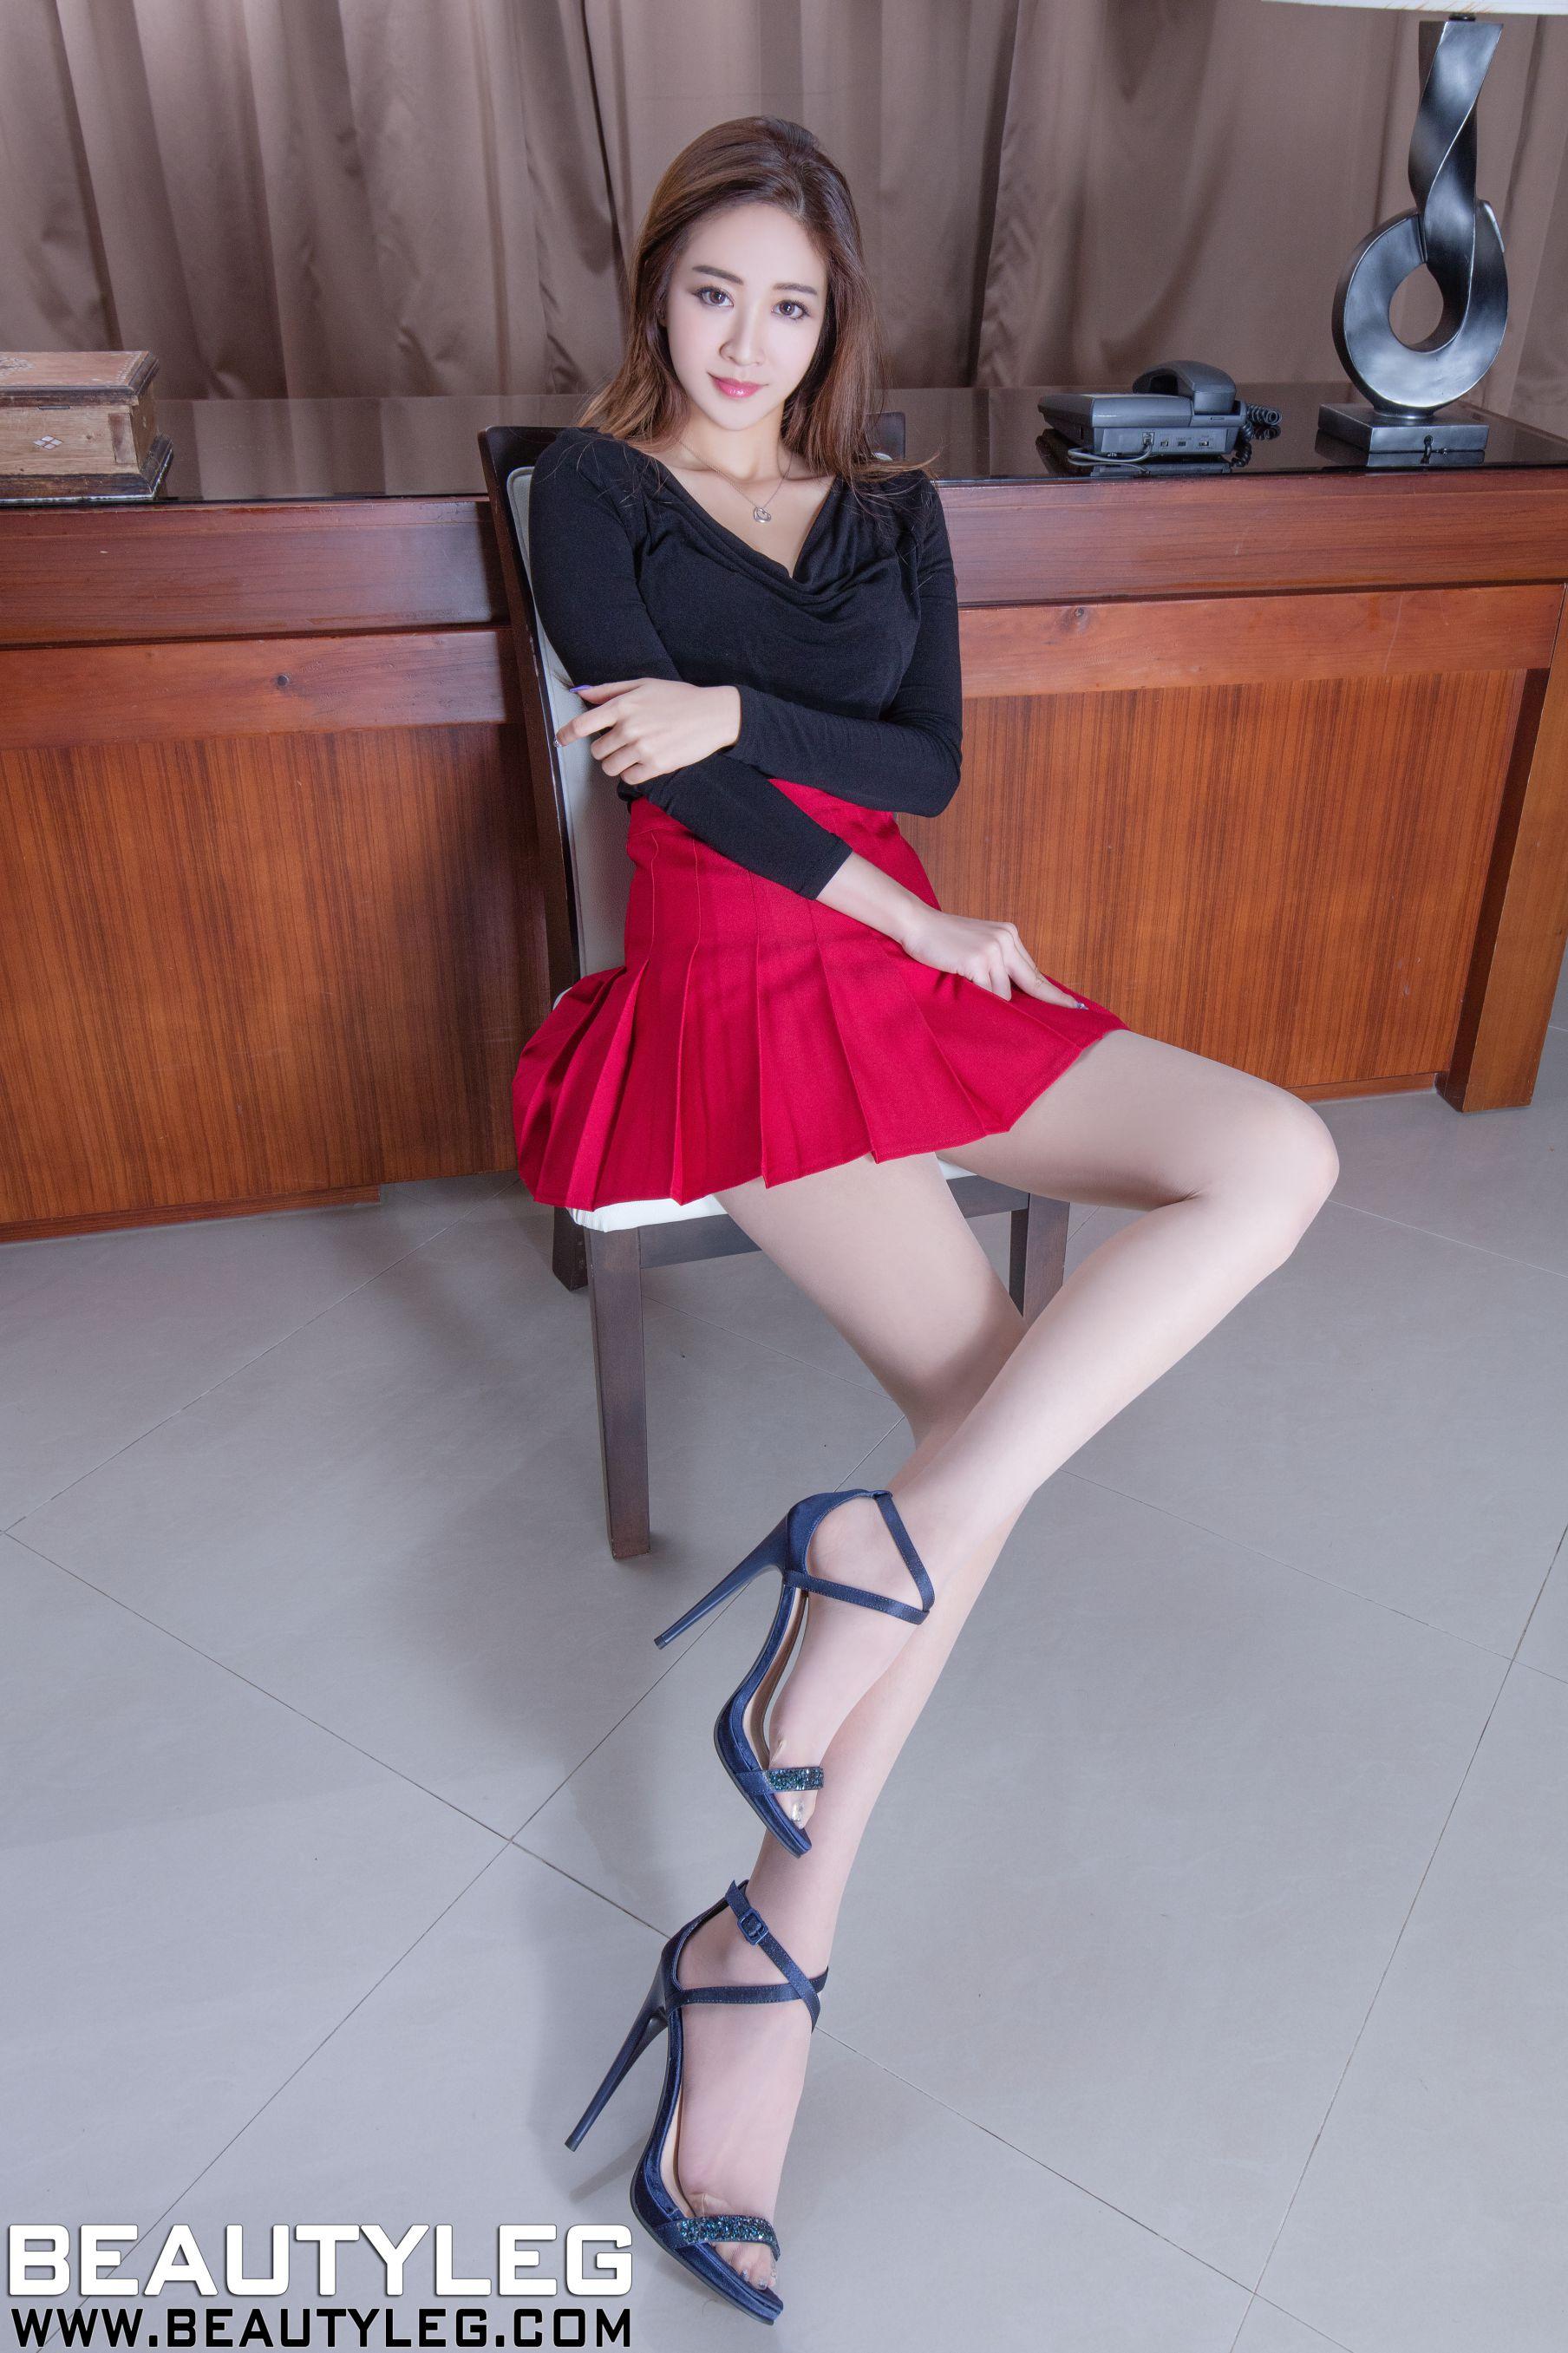 VOL.1544 [Beautyleg]美腿腿模情趣丝袜:康凯乐(腿模Kaylar)高品质写真套图(41P)